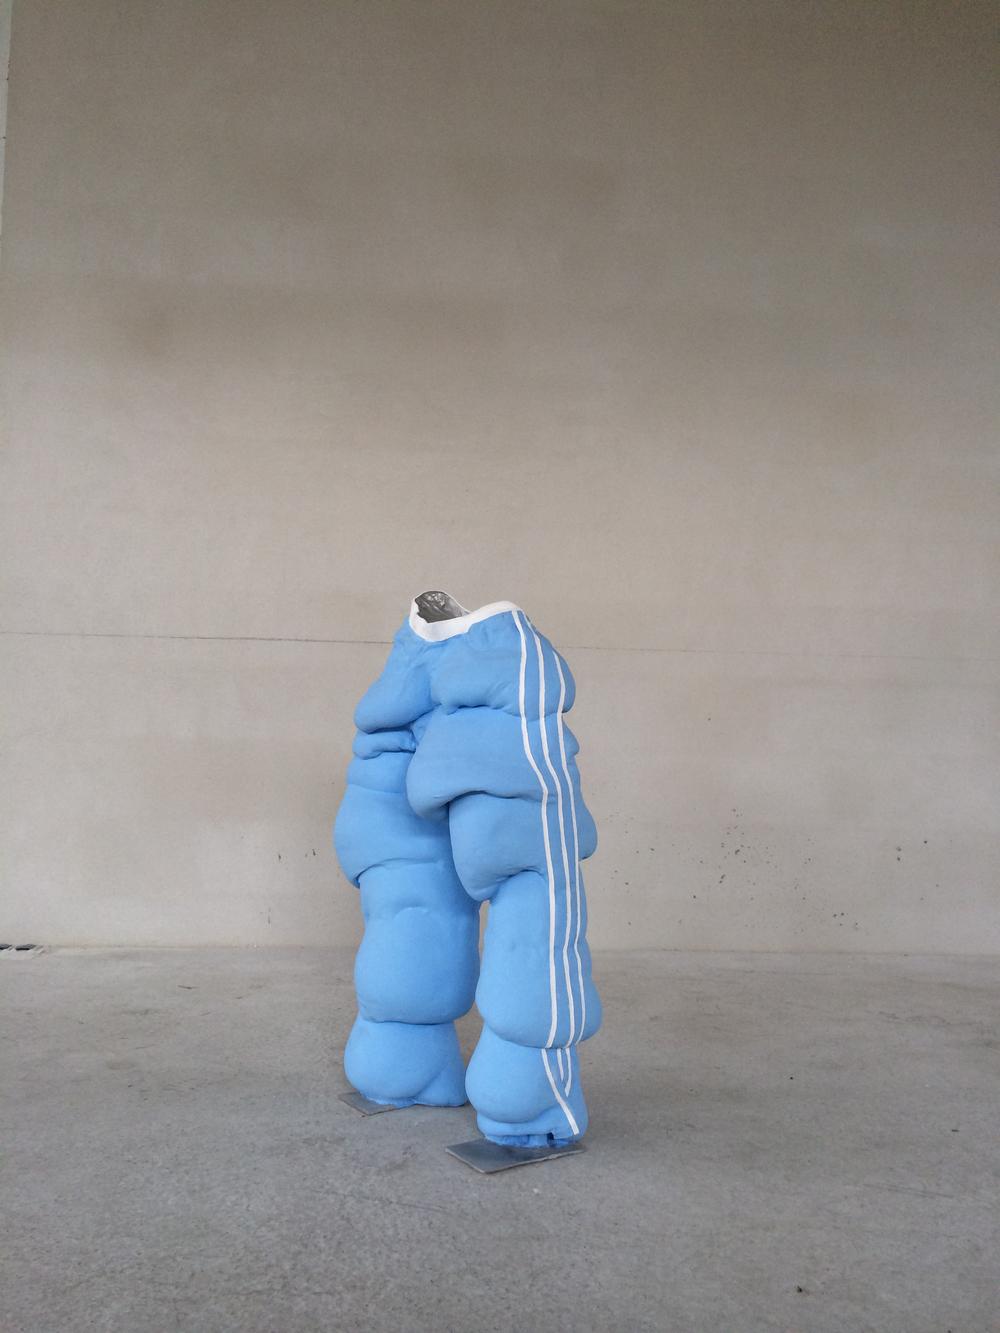 Jogging trouser, 2011 Aluminium, paint 105 x 74 x 40 cm